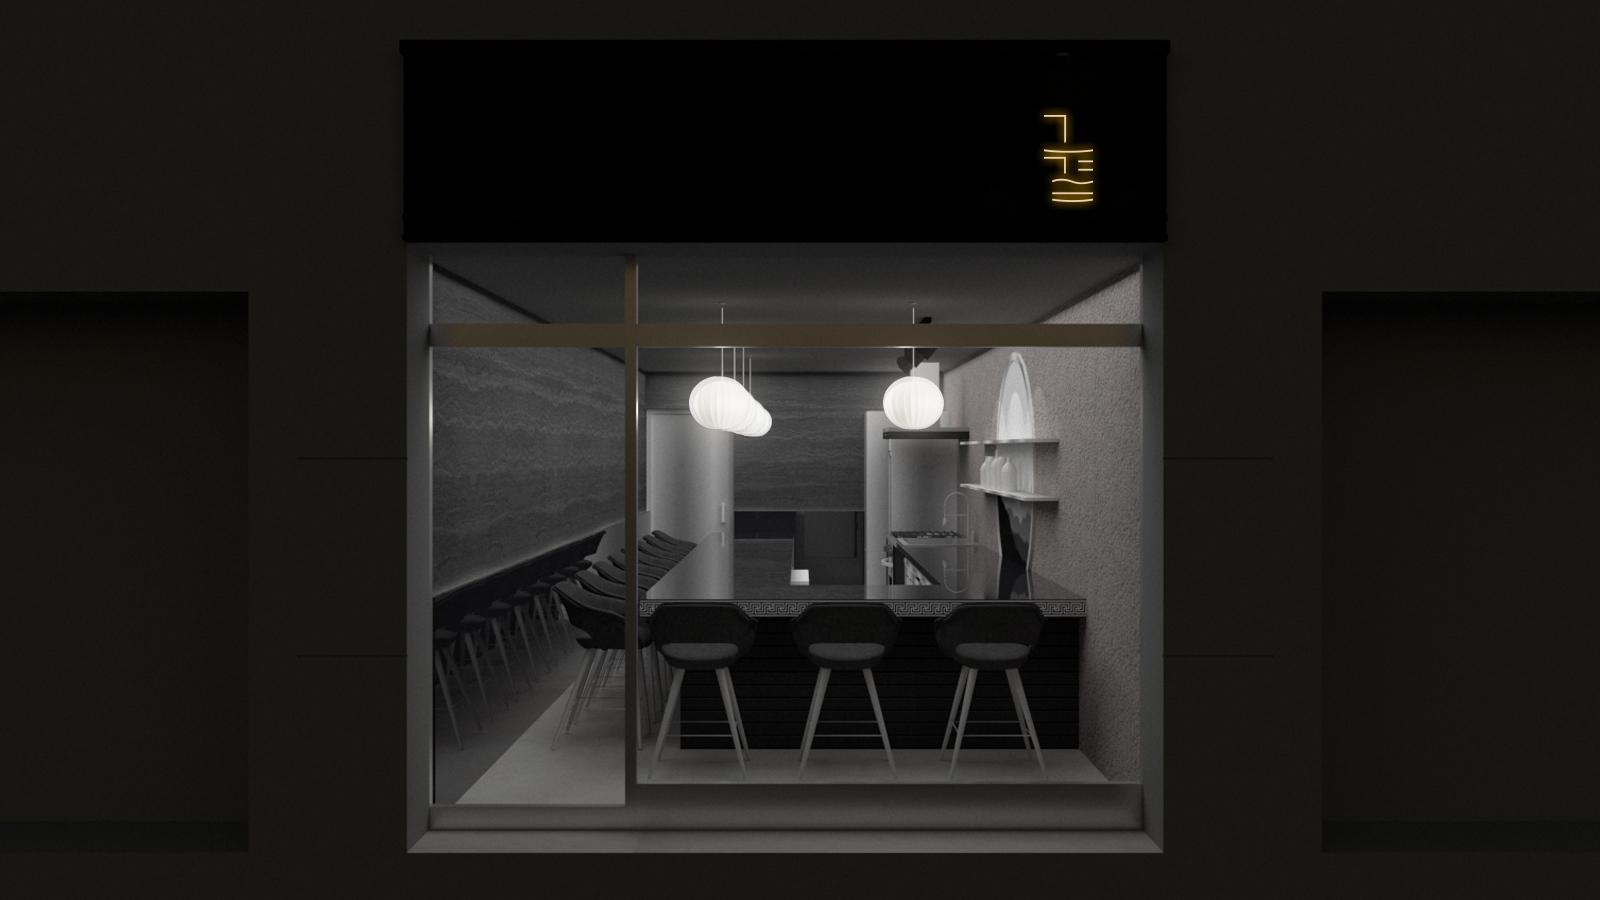 송리단길 맛집 송리단길 한식주점 로고 디자인 한식주점 로고 브랜드 디자인 송리단길 로고 인테리어 디자인